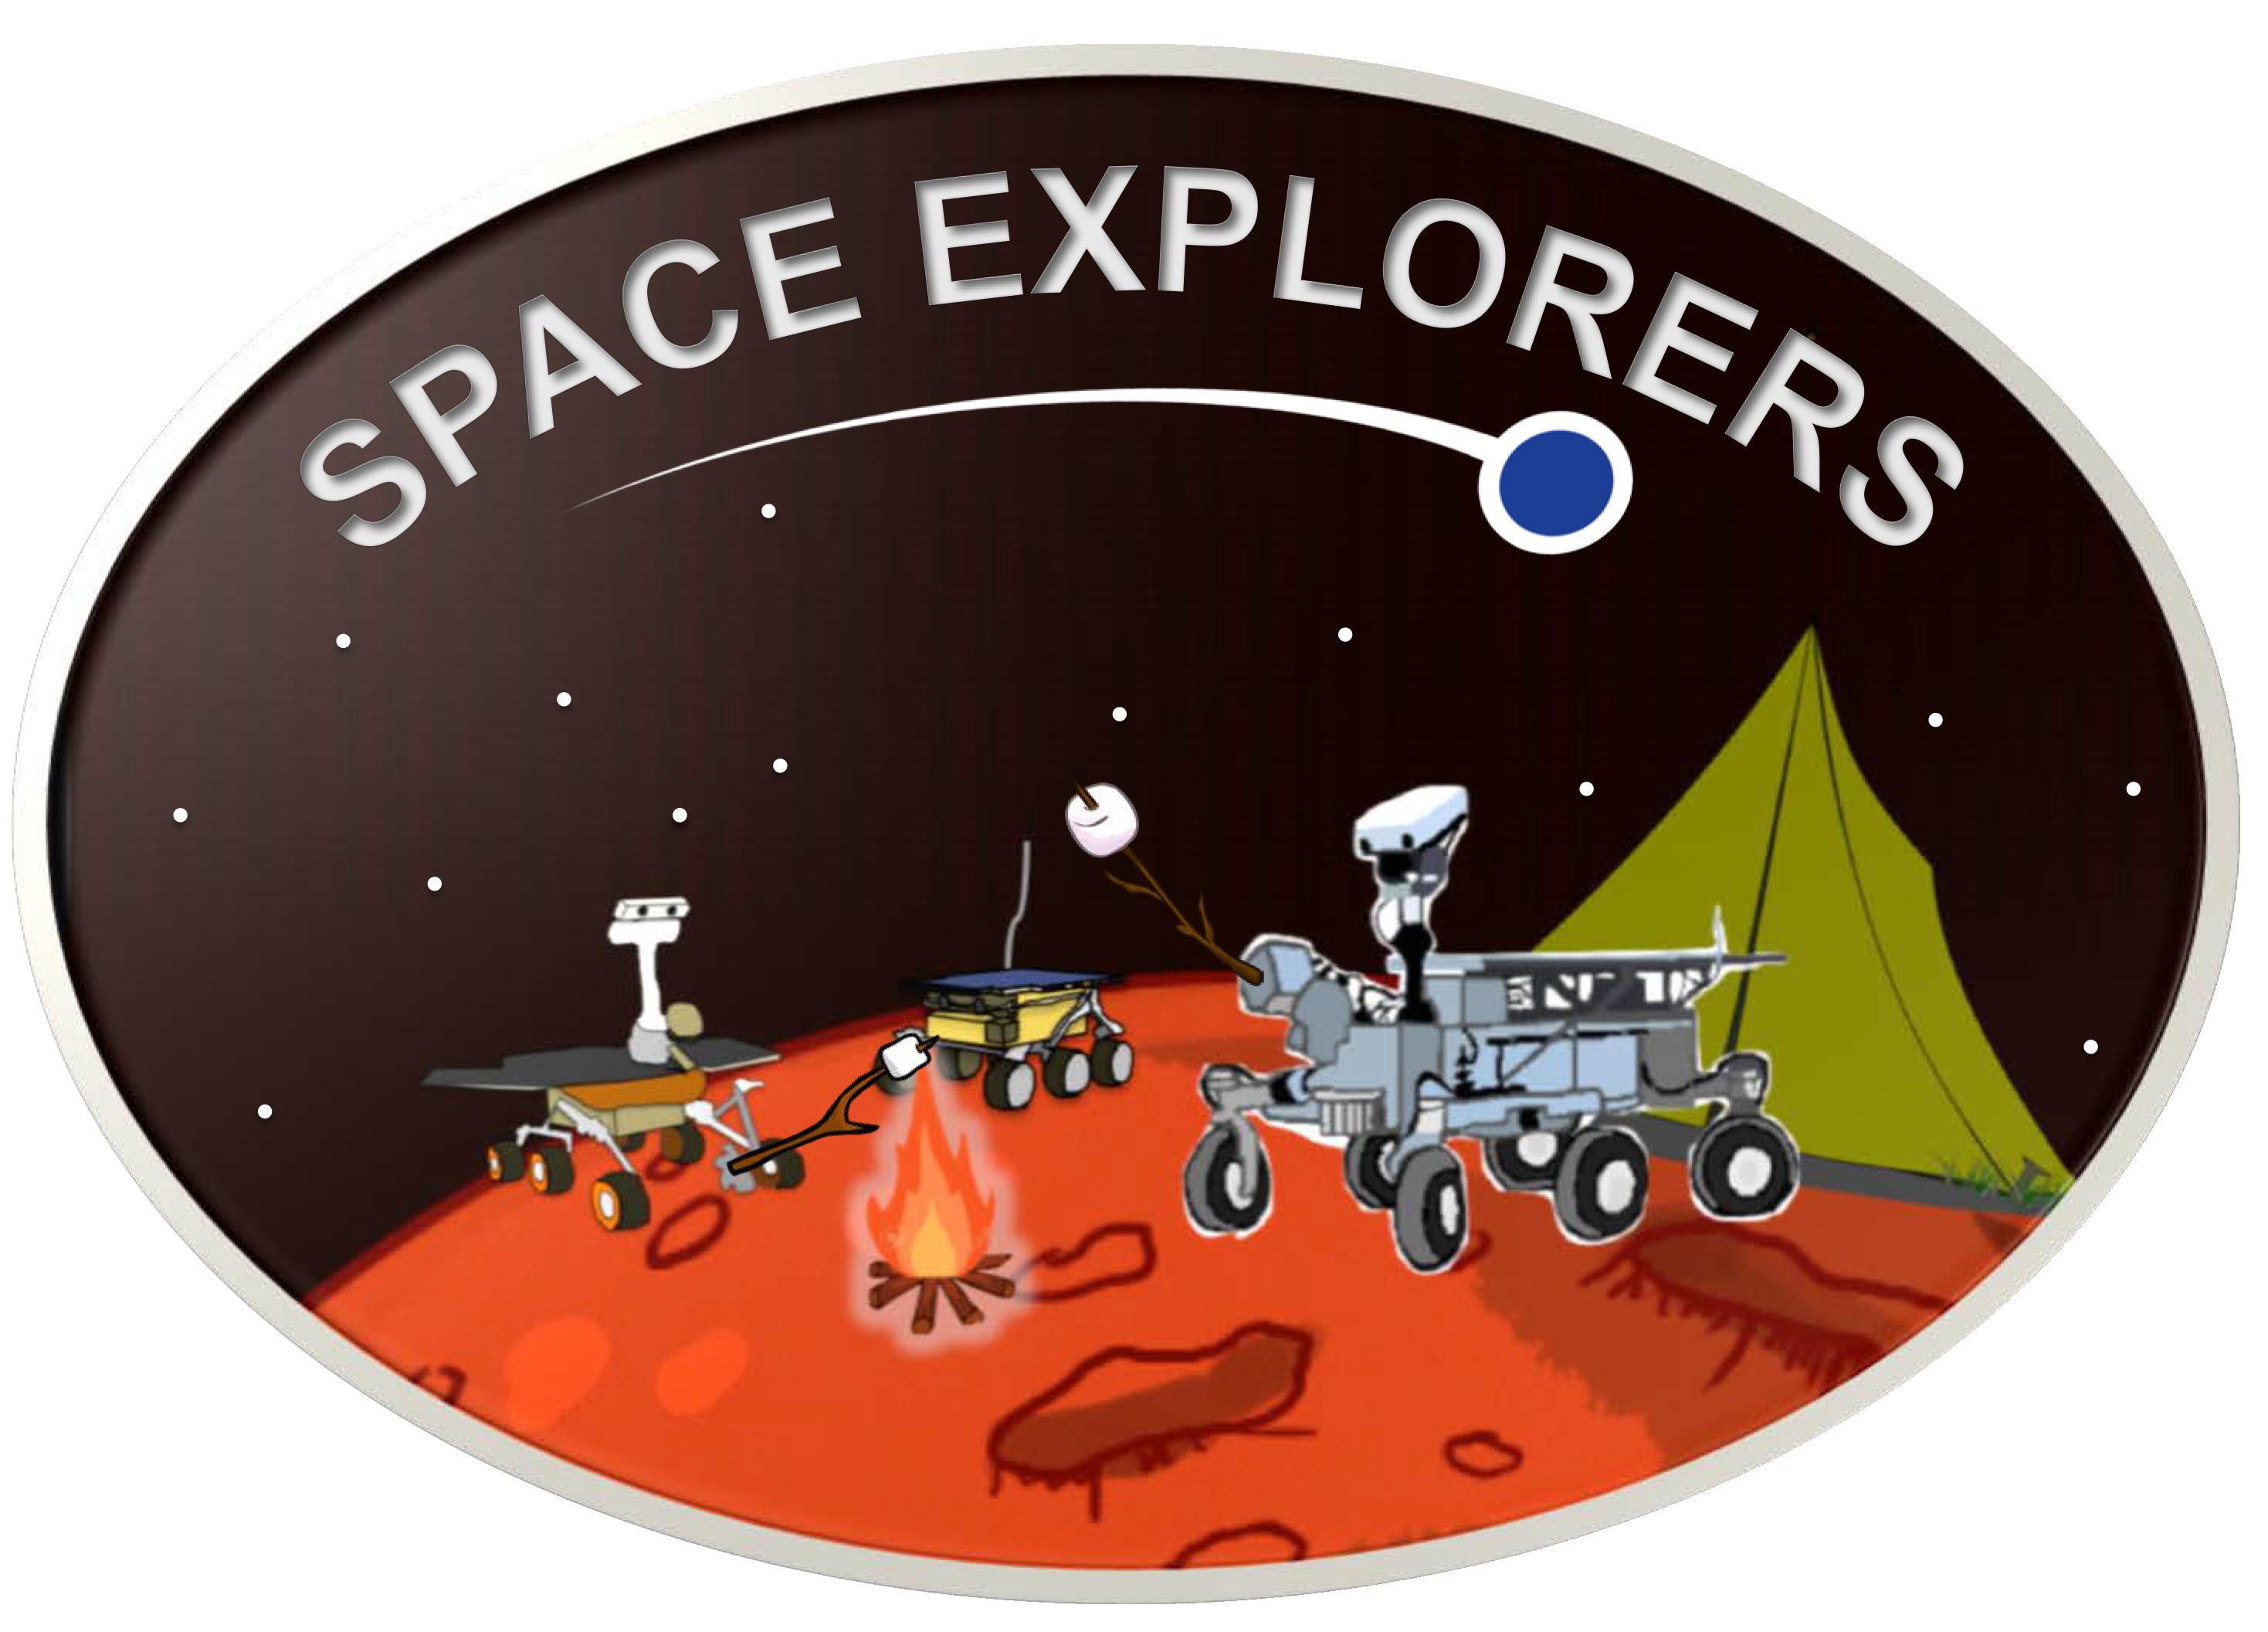 Explorer clipart age exploration. Cpsx western university space